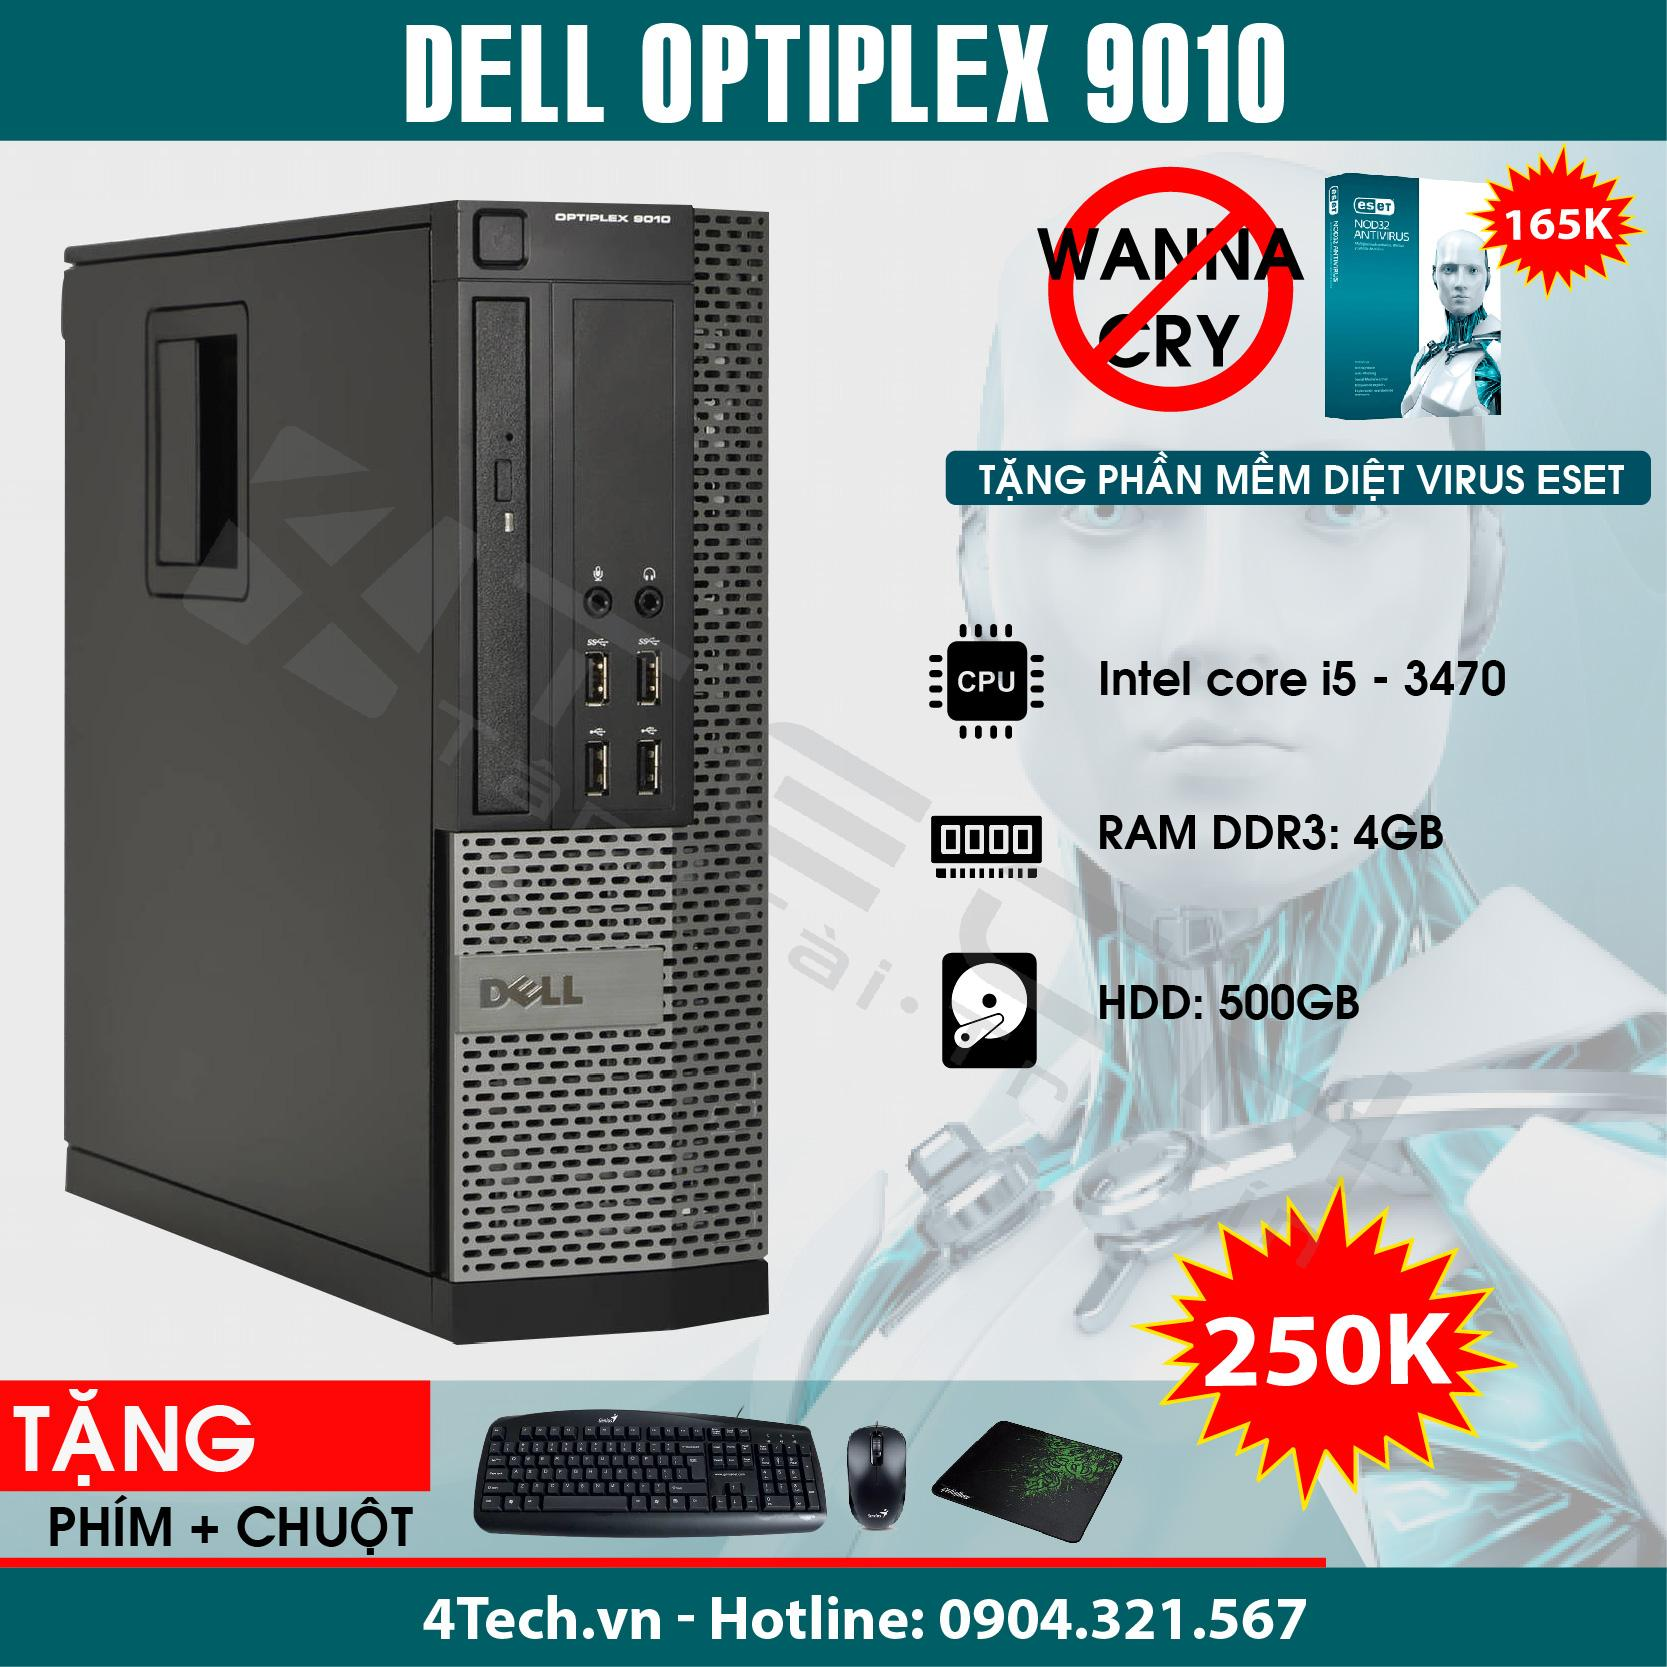 Máy Tính Đồng Bộ Dell Optiplex 9010, Core i5, RAM 4GB, HDD 500GB.